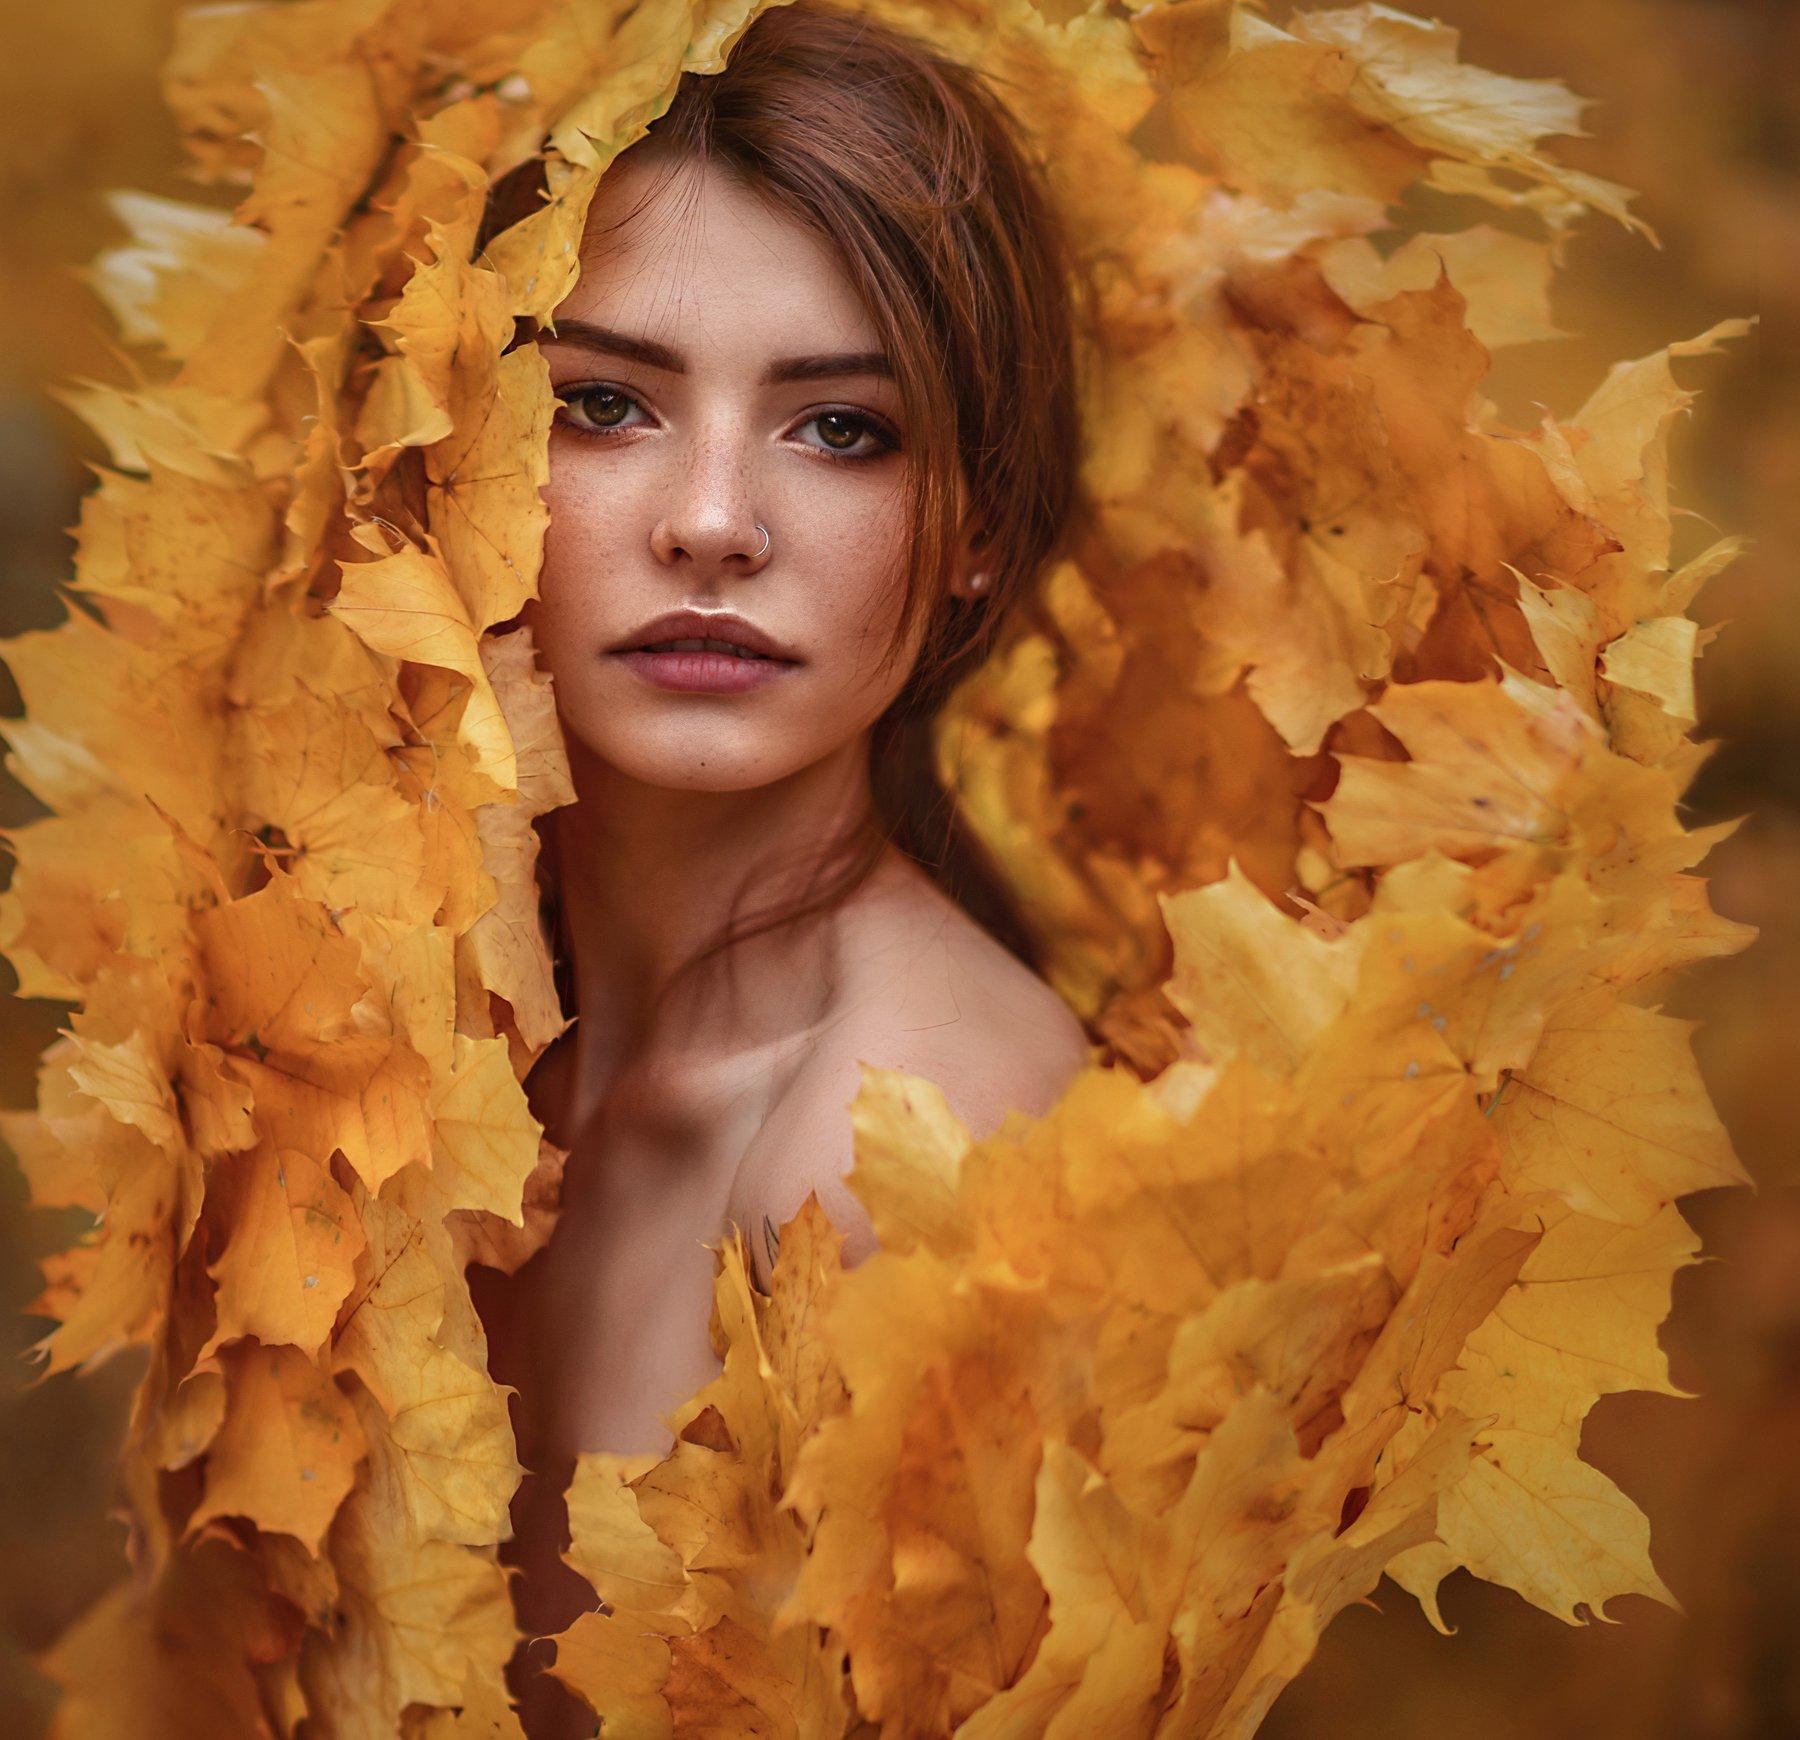 осень,листья,клён,девушка,портрет,девушка в листьях,желтые листья,ноябрь,веснушки,рыжая,портрет,одеяло,погружение,сексуальная, Ilona